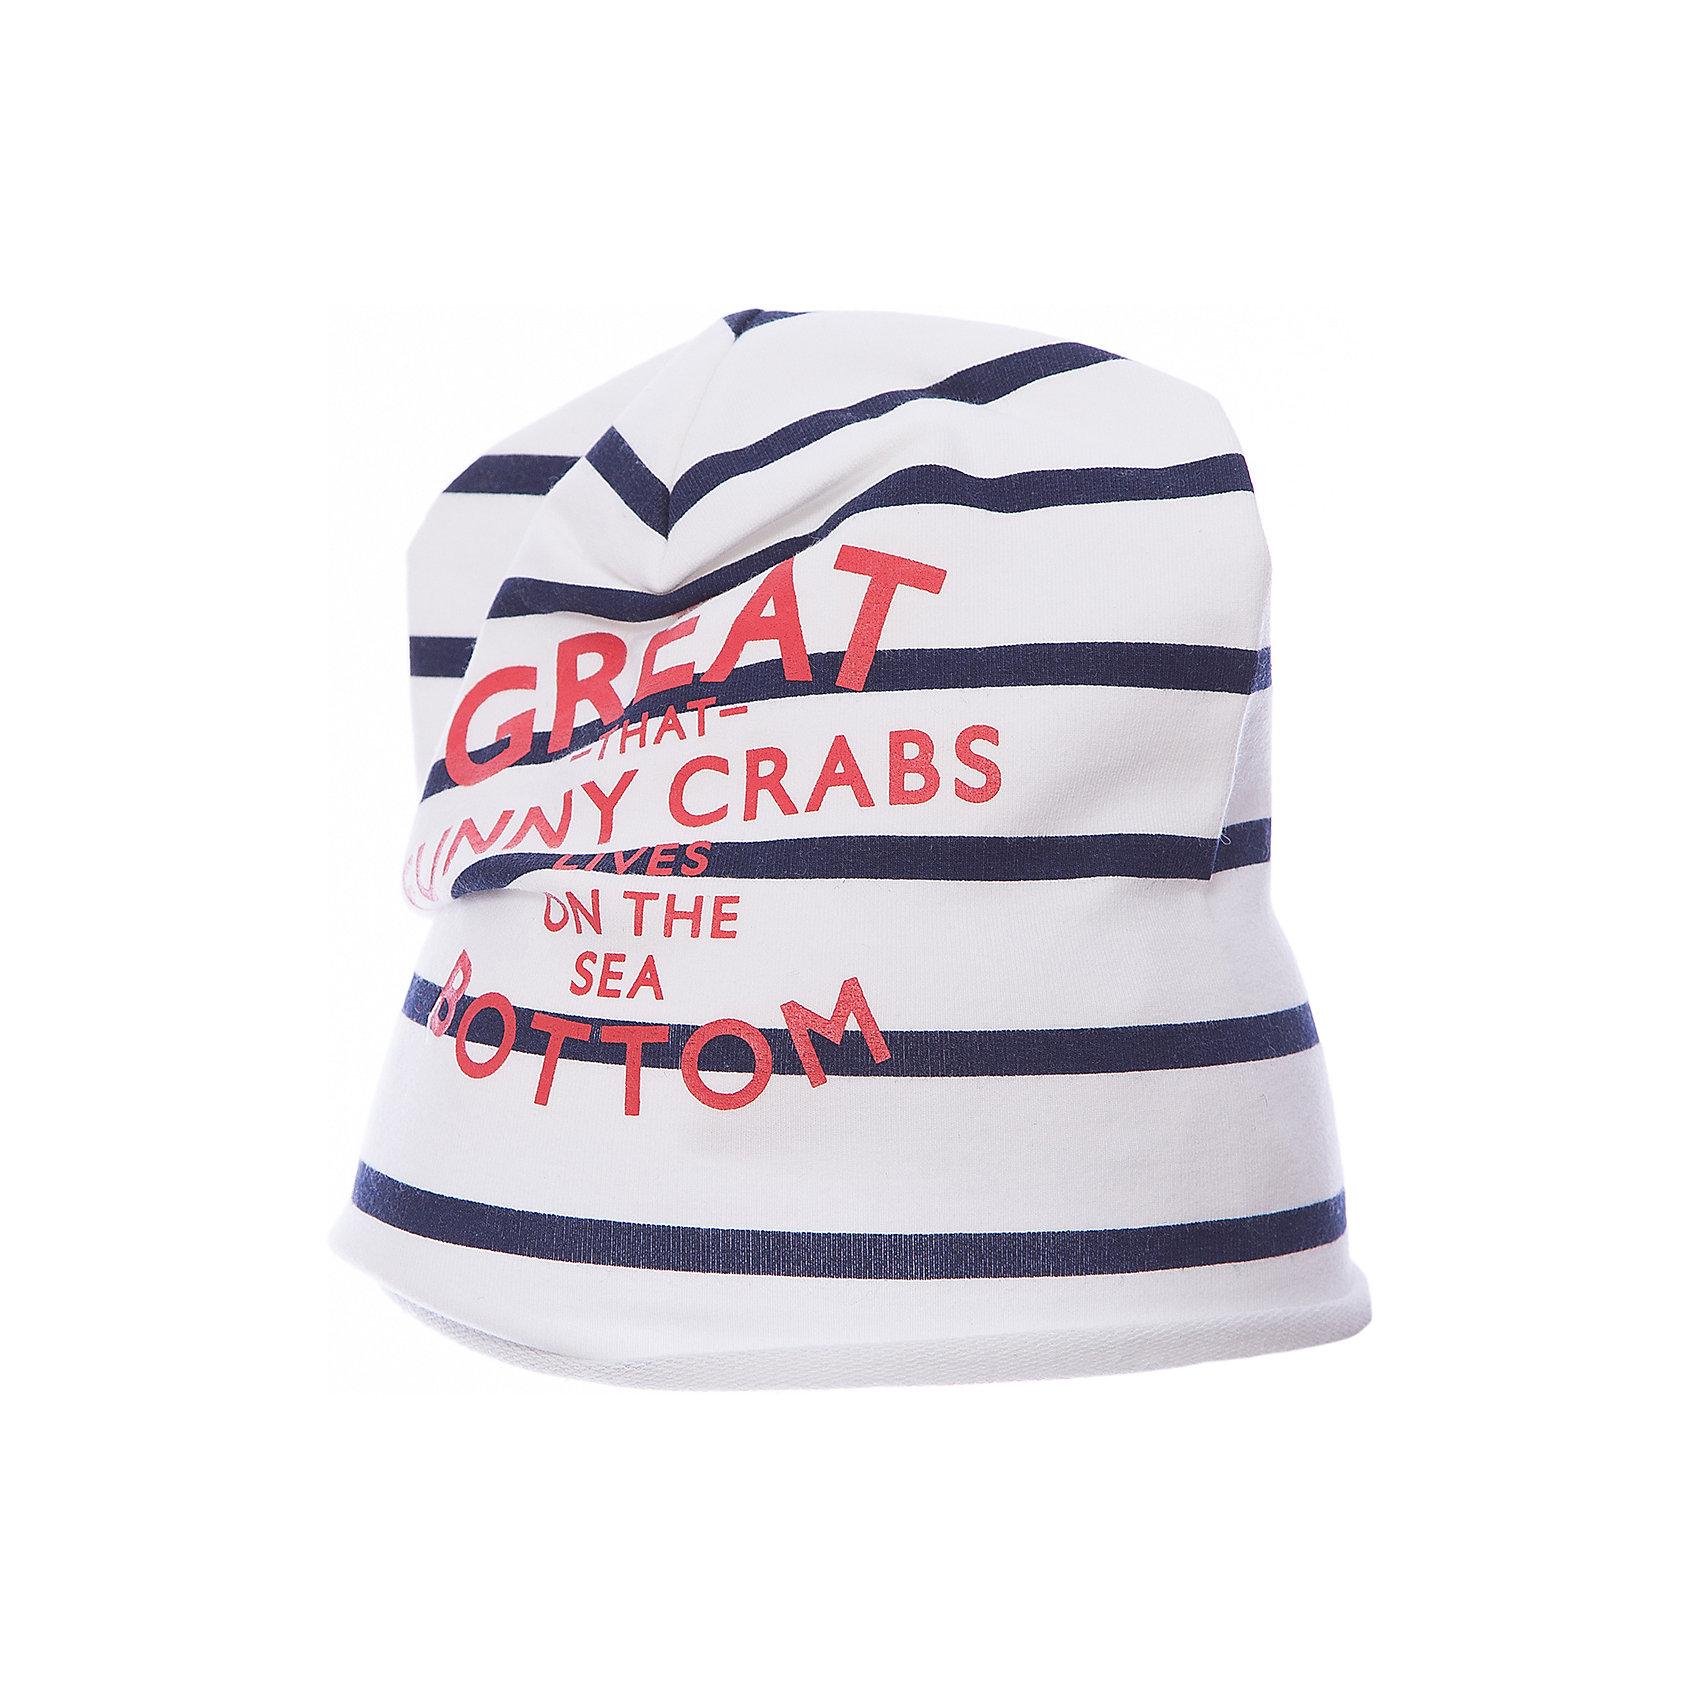 Шапка для девочки GulliverГоловные уборы<br>Вязаная шапка в полоску красиво завершит образ, сделав его новым, свежим, интересным. Если вы хотите сформировать модный позитивный весенне-летний гардероб юной леди, полосатая шапка с изящным руликом, ярким принтом и контрастным брендированным флажком - отличный выбор.<br>Состав:<br>95% хлопок      5% эластан<br><br>Ширина мм: 89<br>Глубина мм: 117<br>Высота мм: 44<br>Вес г: 155<br>Цвет: синий<br>Возраст от месяцев: 48<br>Возраст до месяцев: 60<br>Пол: Женский<br>Возраст: Детский<br>Размер: 52,50<br>SKU: 5483735